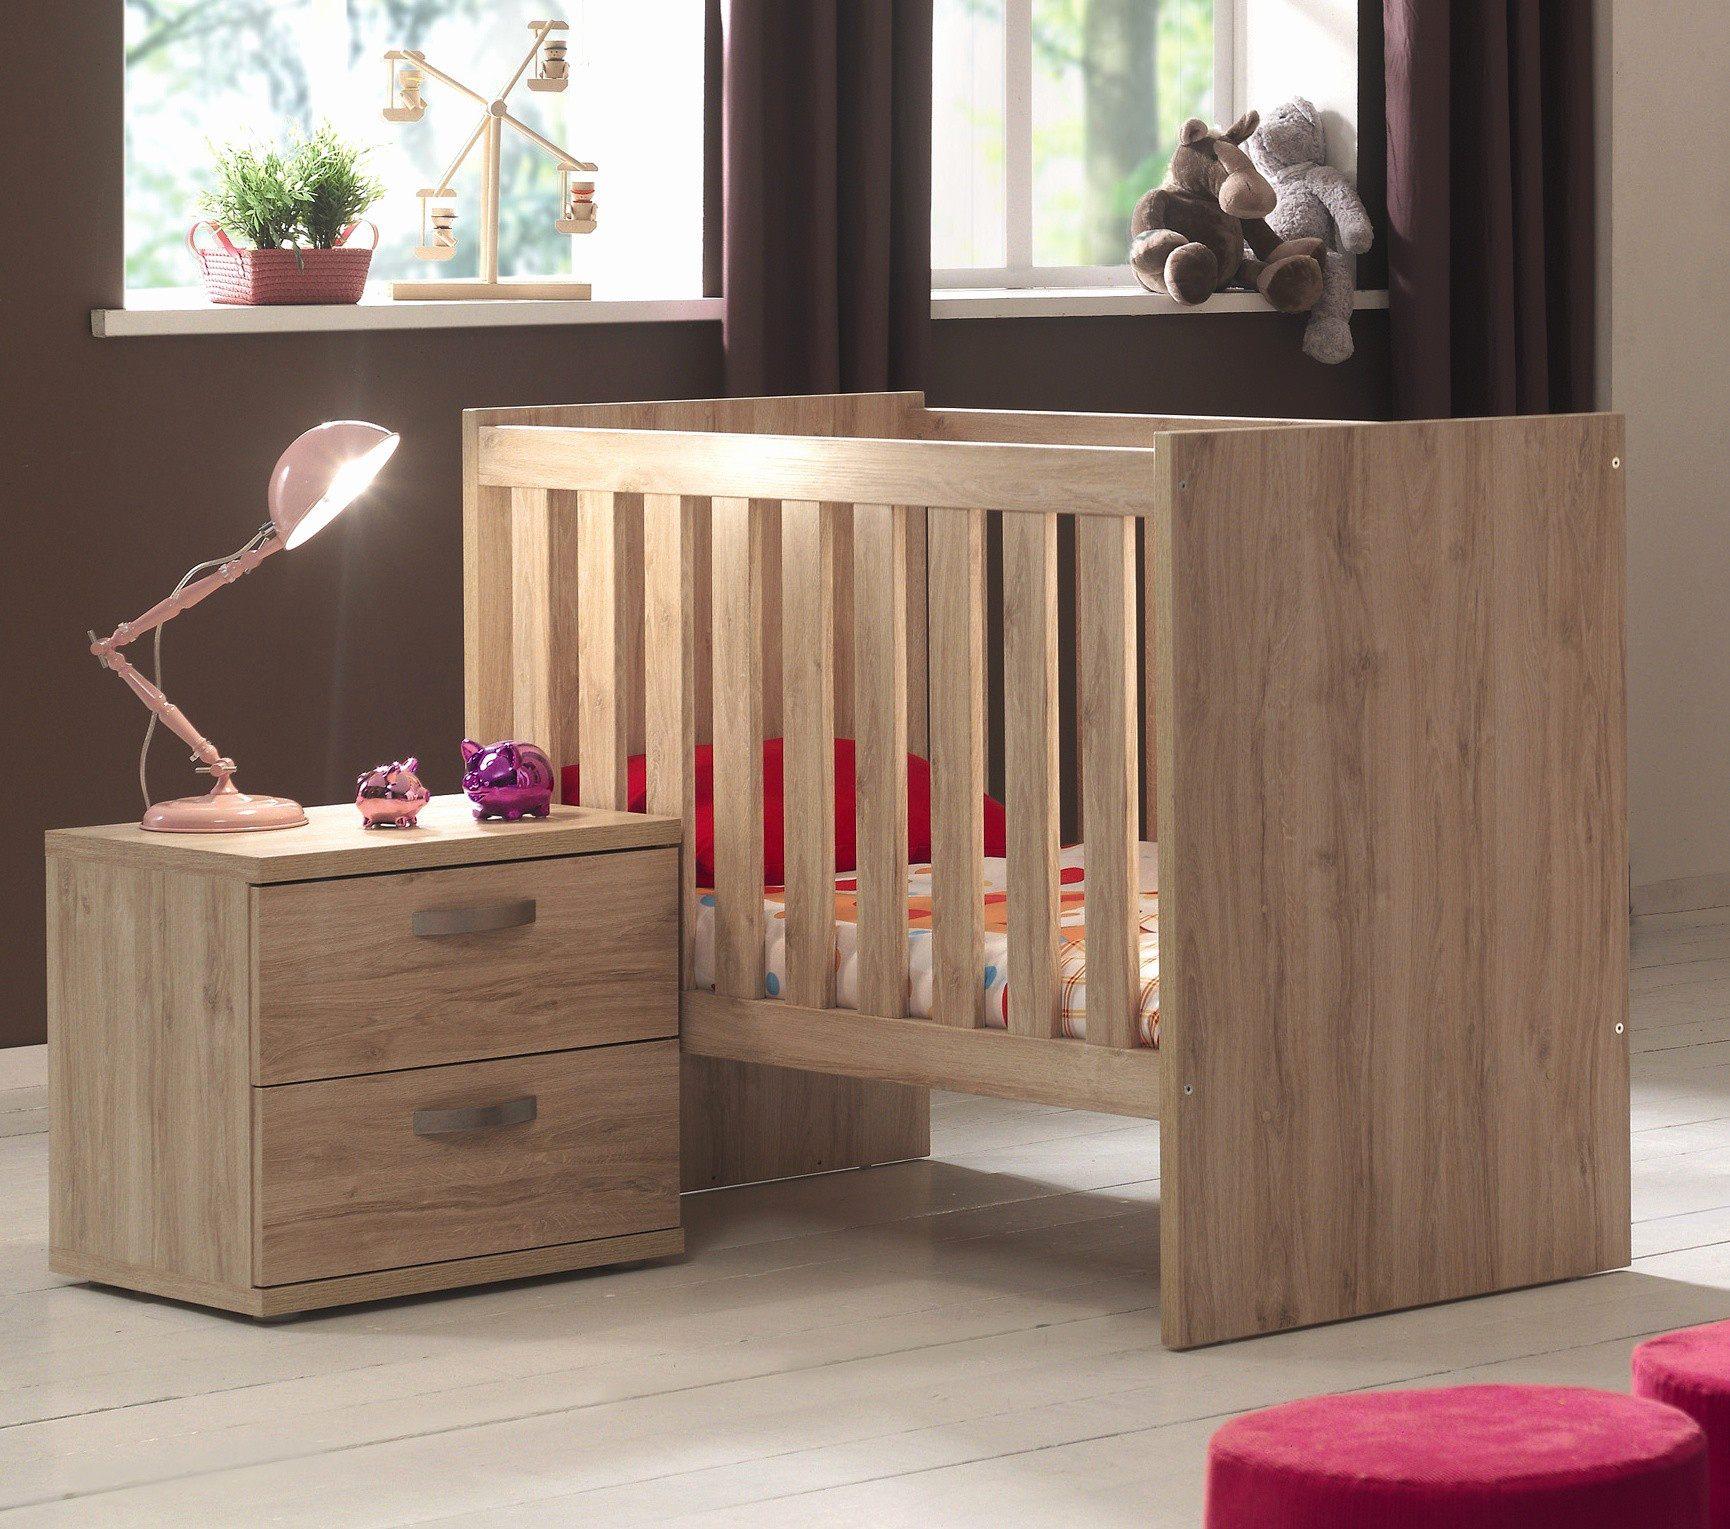 Lit Enfant Modulable Agréable Lit Bebe Evolutif Bois Unique 40 De Lit Bois Bebe Concept